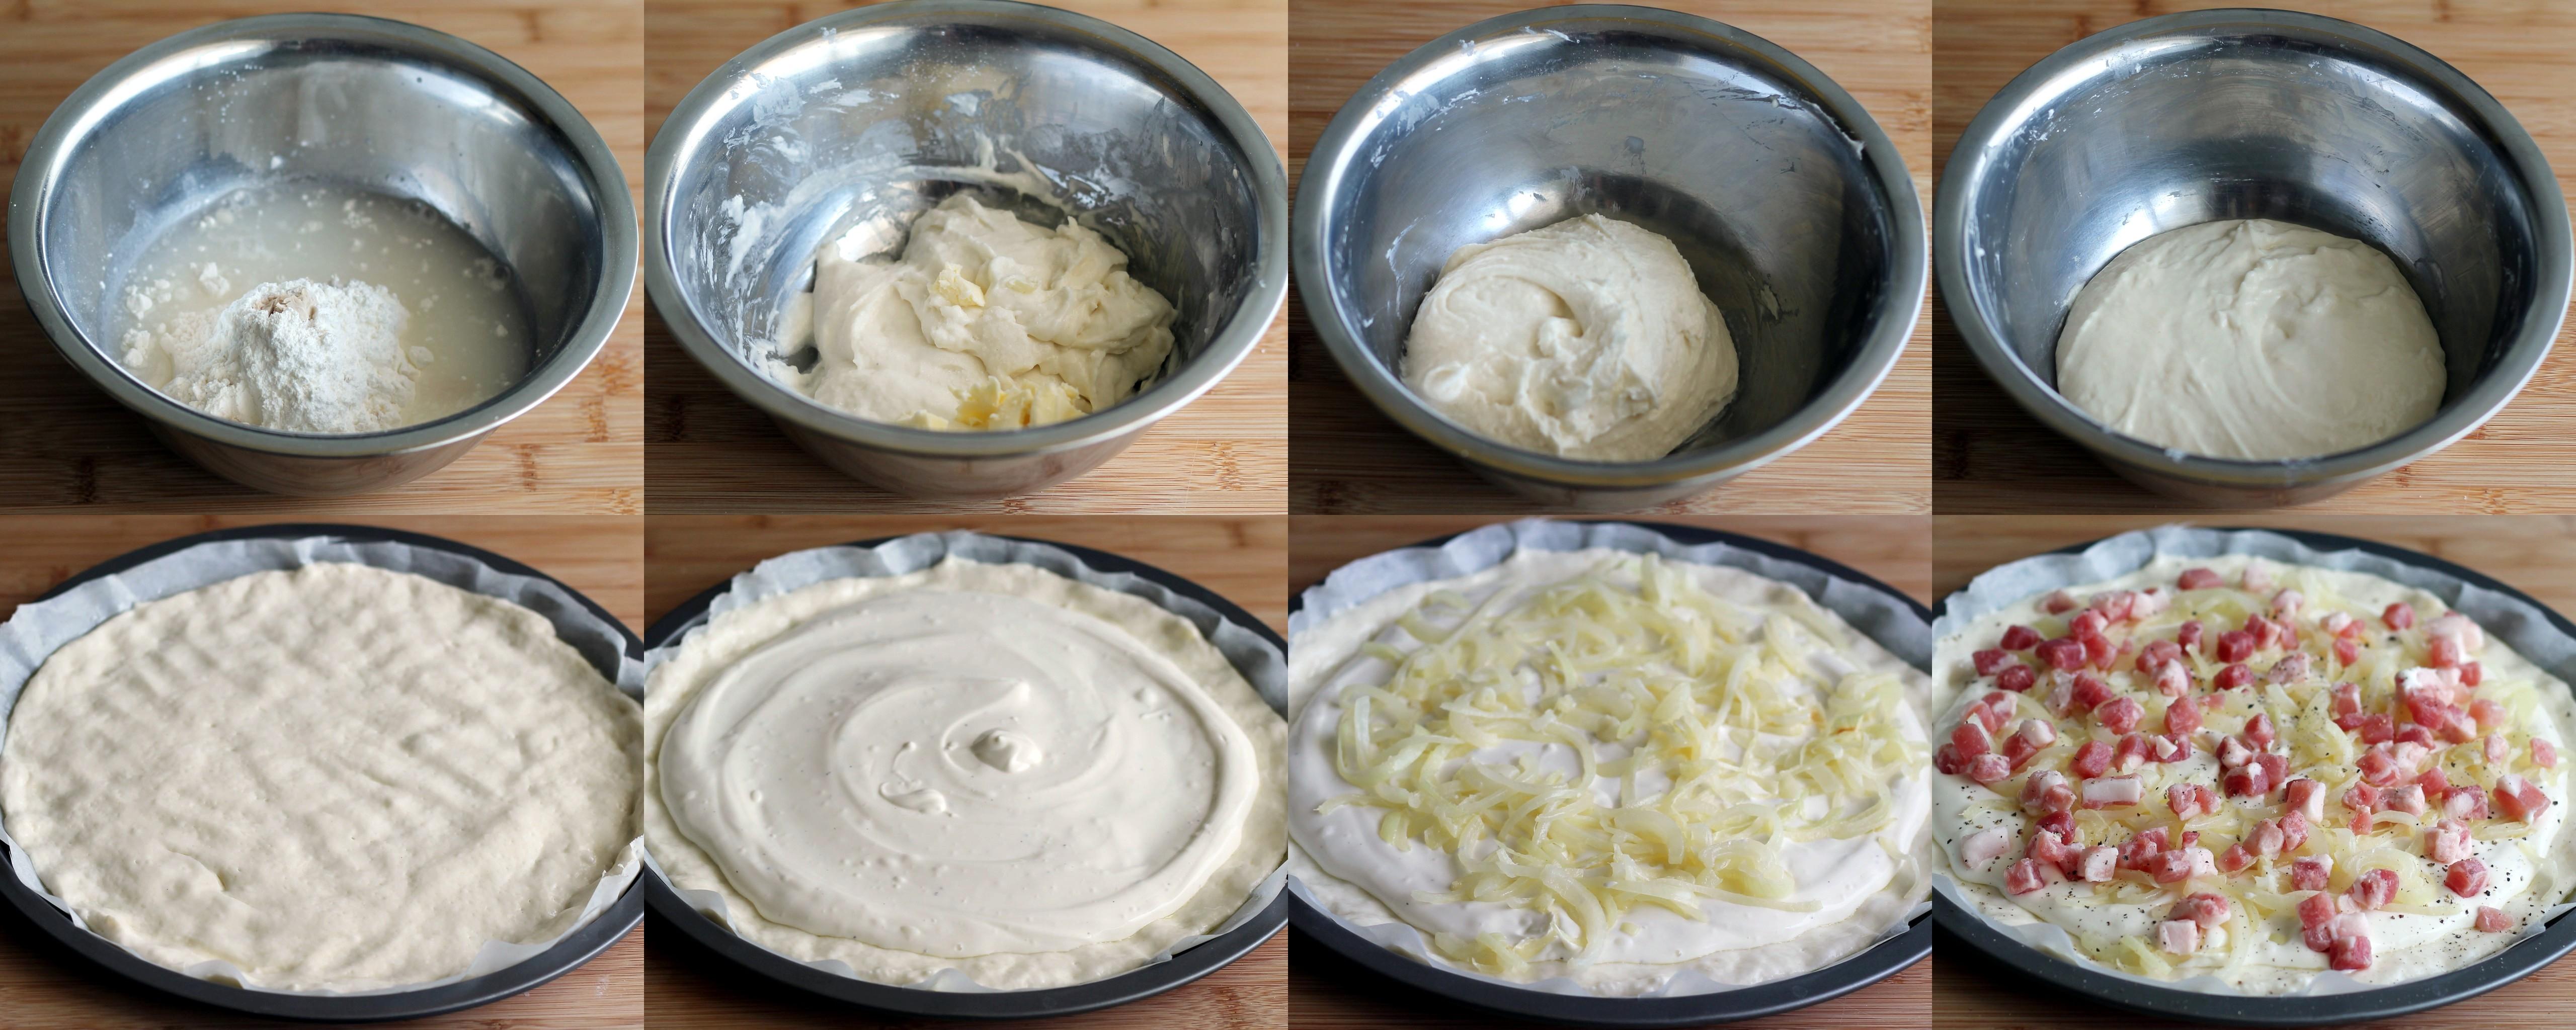 Flammekueche, tarte flambée sans gluten - La Cassata Celiaca